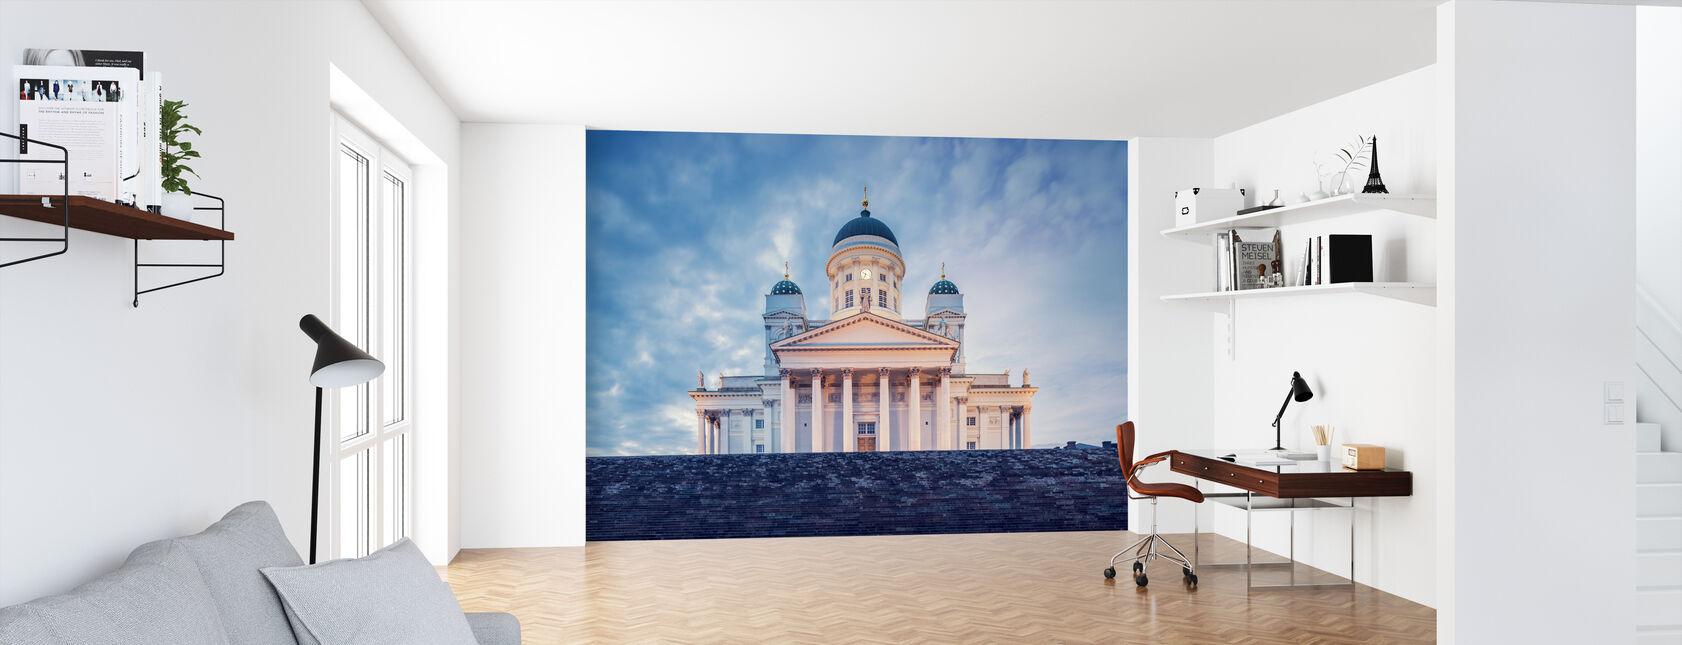 Helsingin luterilainen katedraali iltavalossa - Tapetti - Toimisto